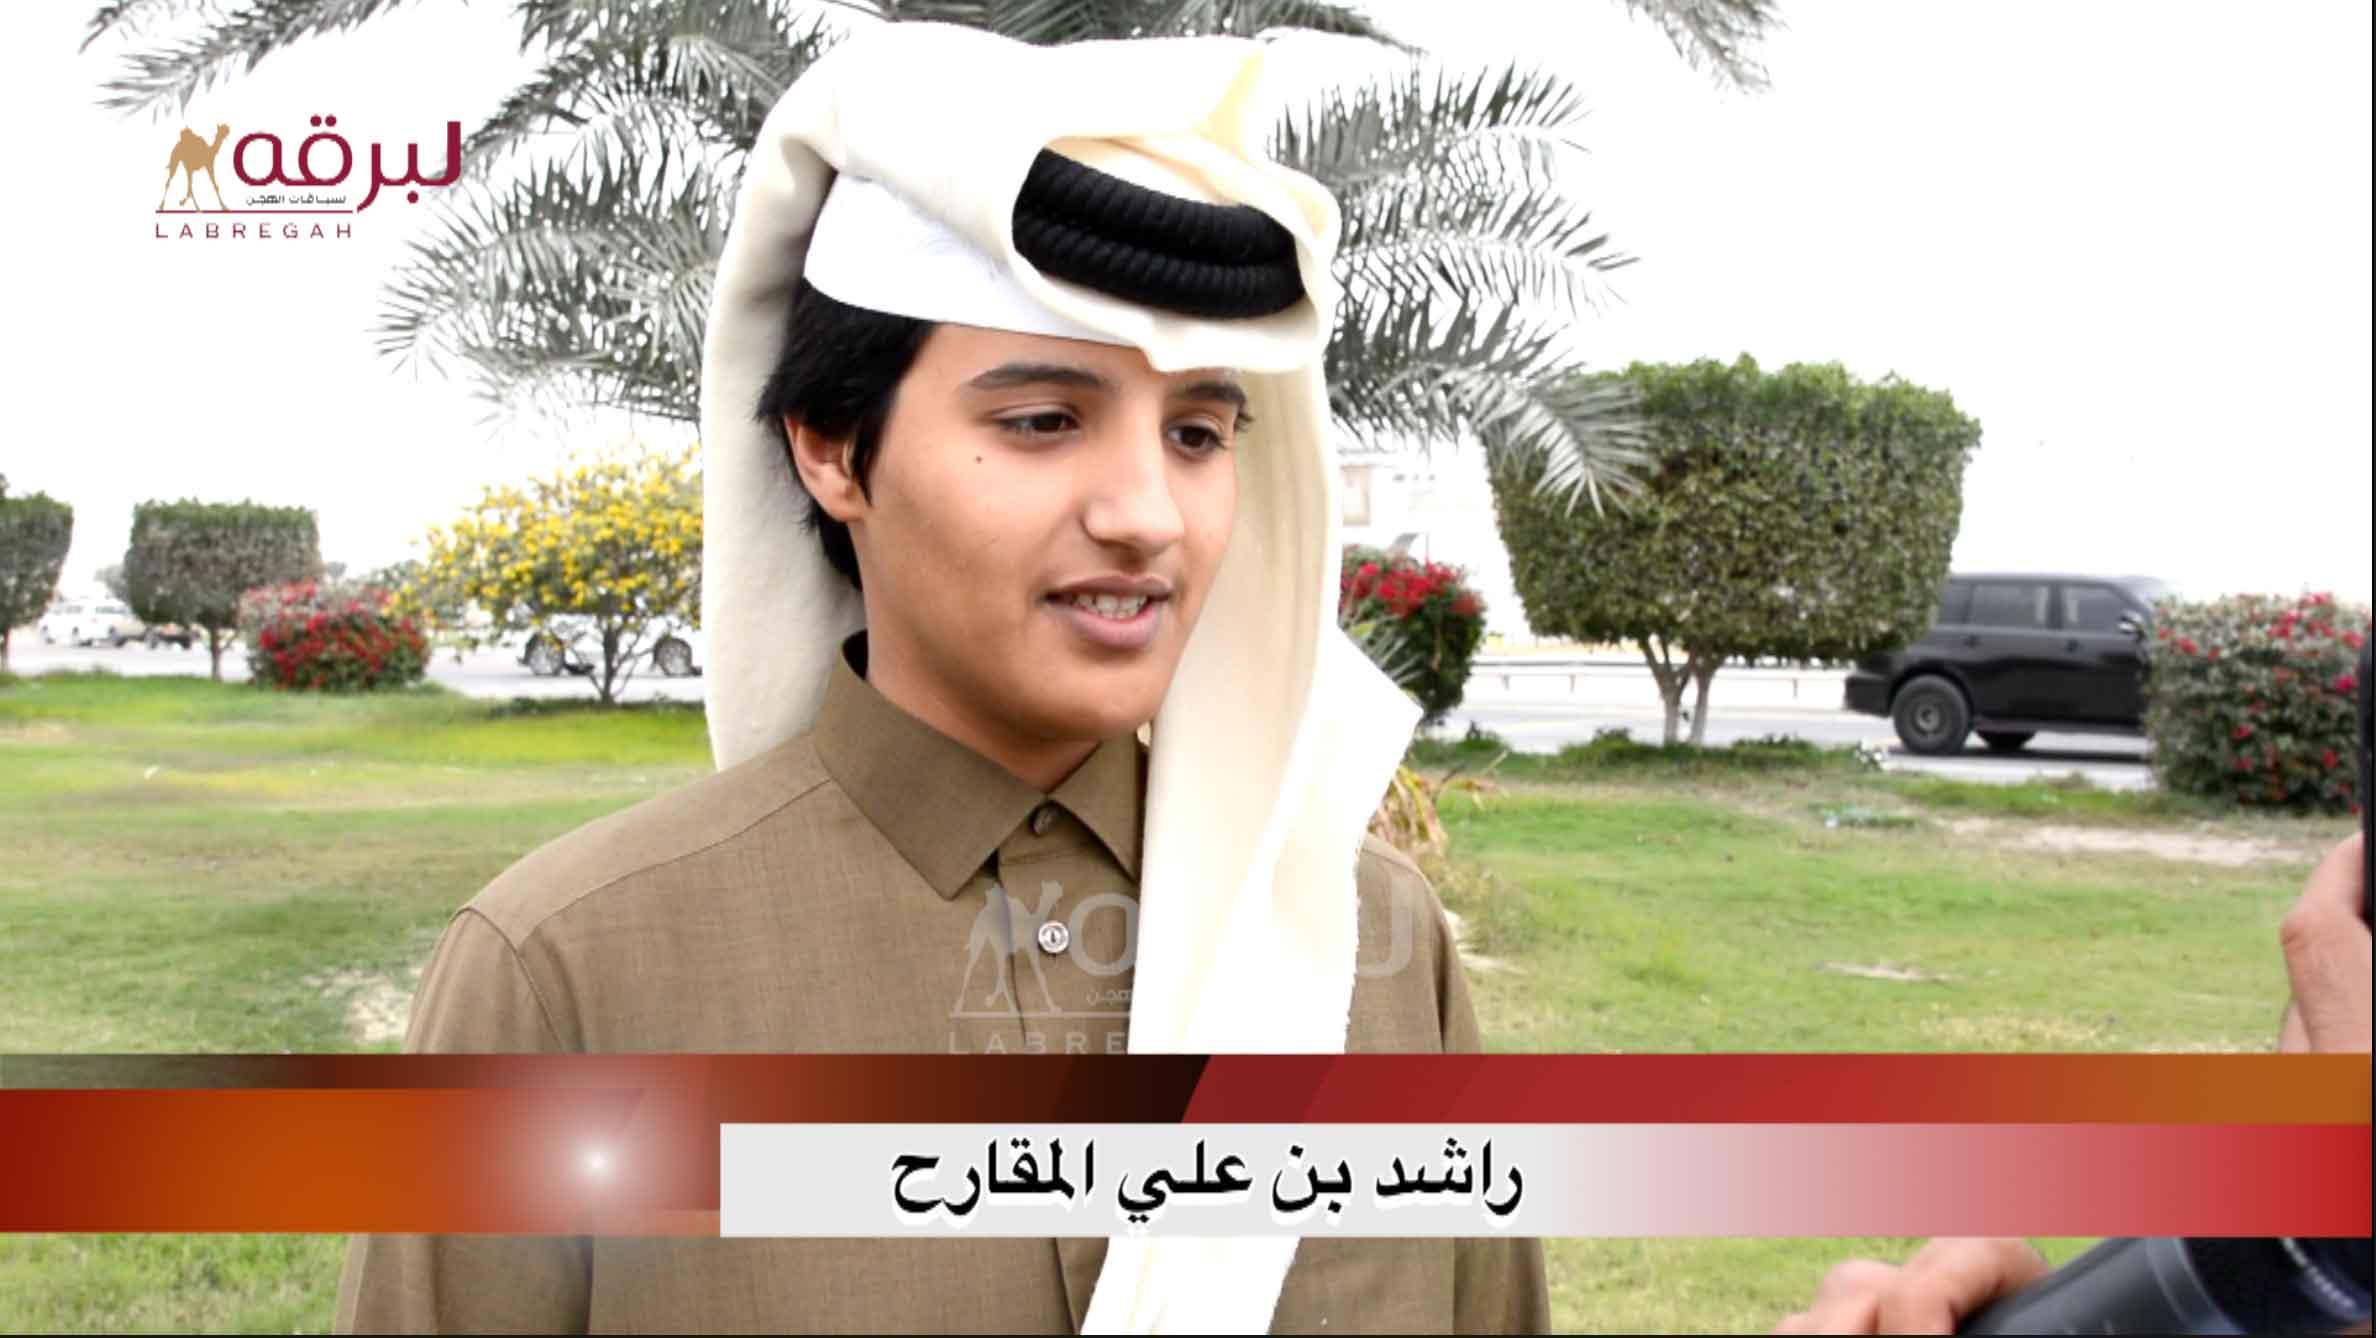 لقاء مع راشد بن علي المقارح.. الشوط الرئيسي ثنايا بكار « مفتوح » الأشواط العامة  ١٩-٢-٢٠٢١